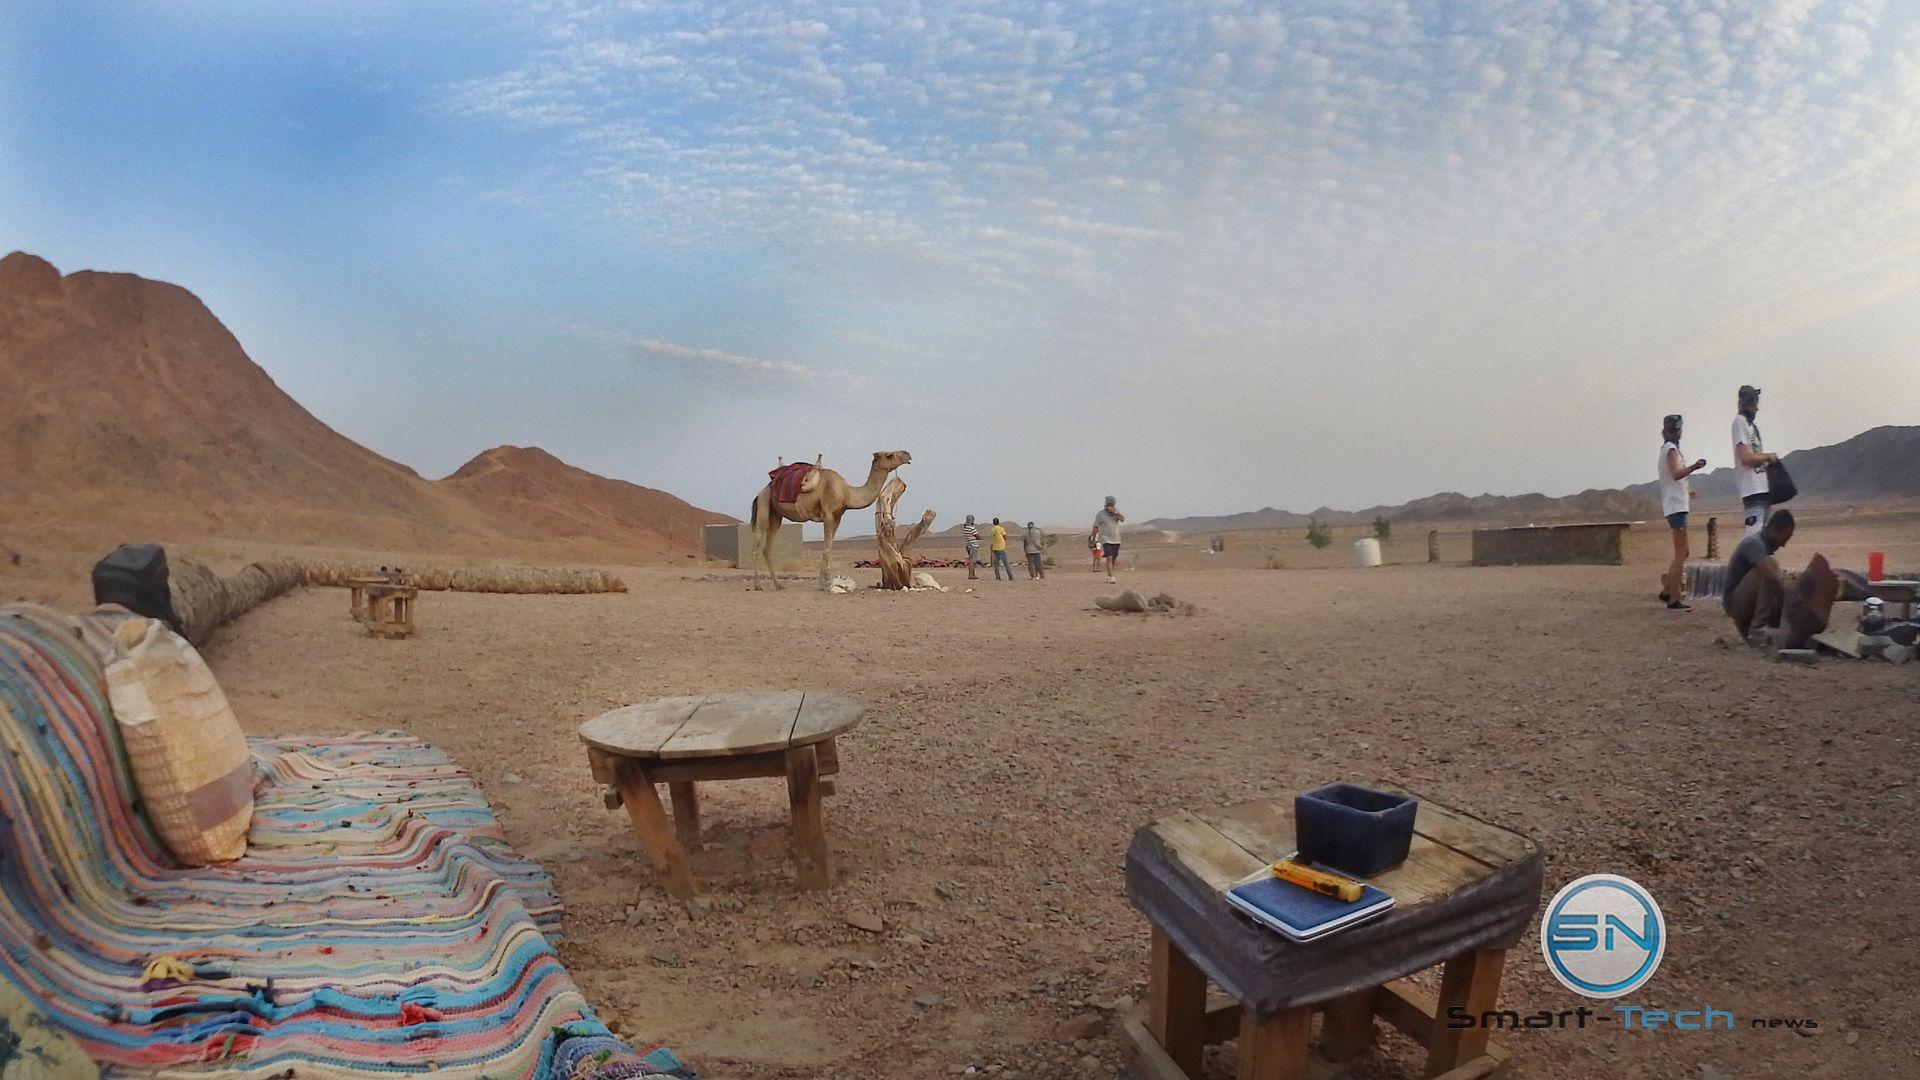 Safari-Tour - MarsaAlam 2017